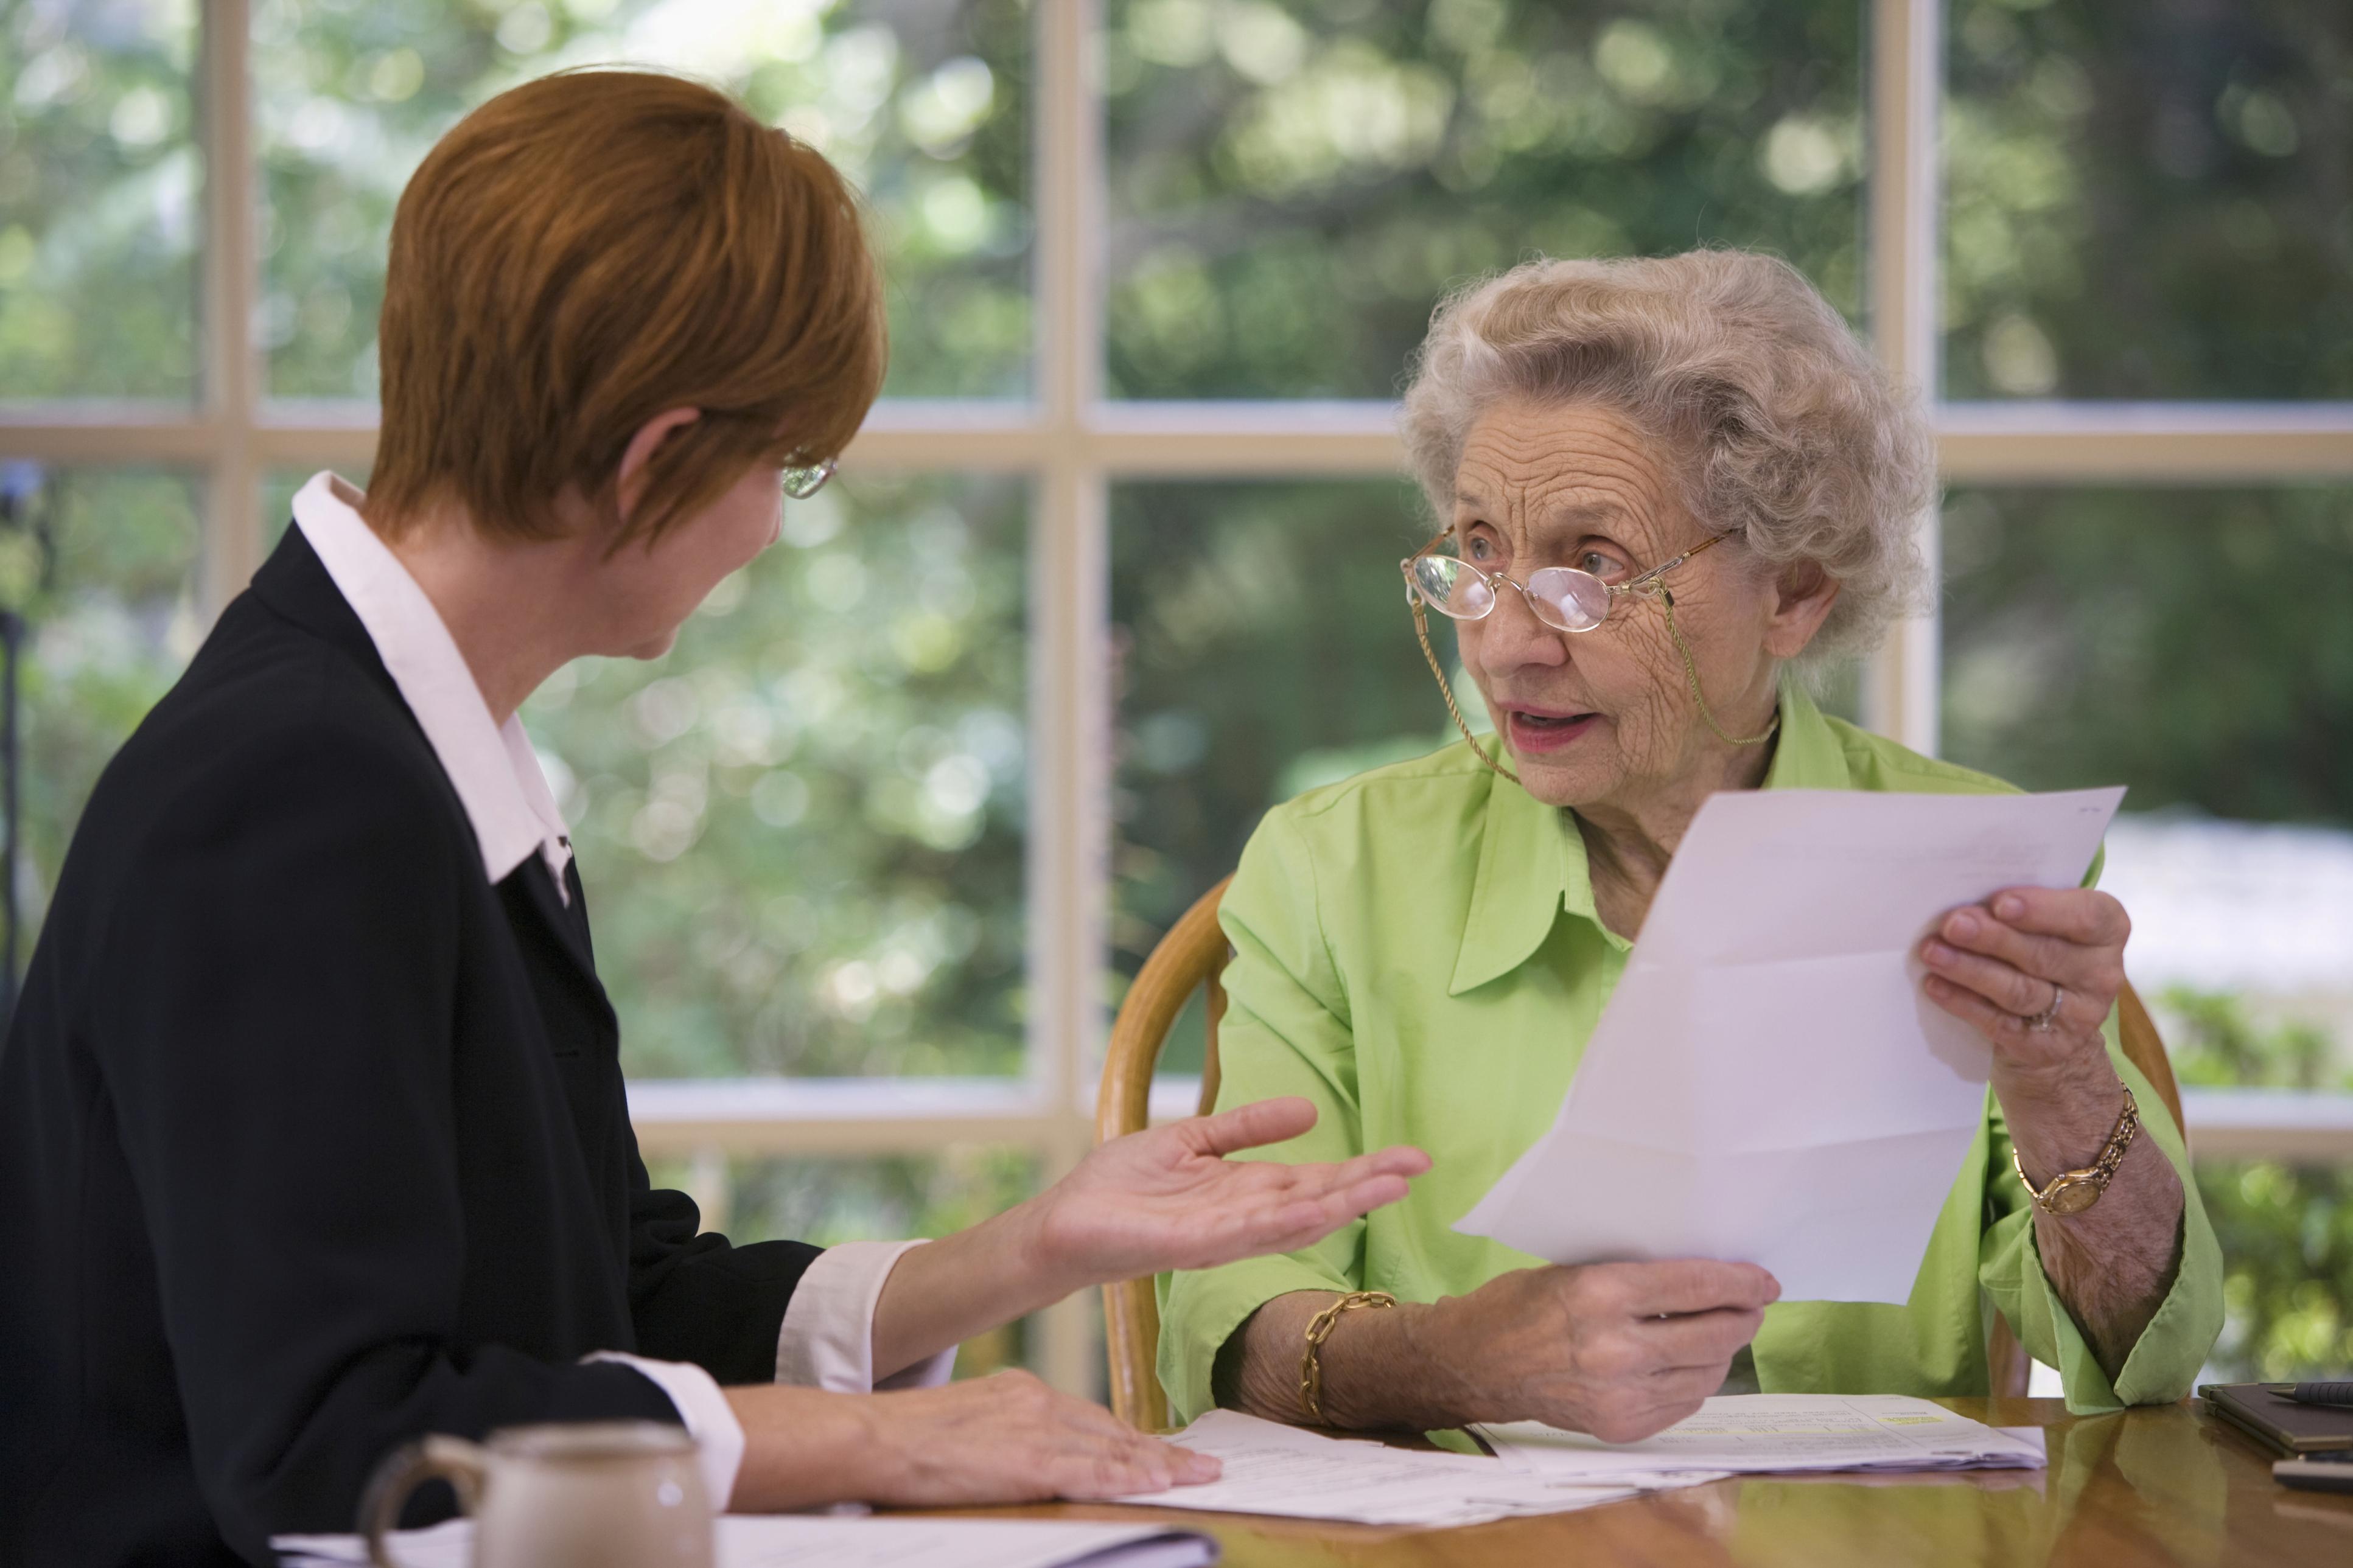 Можно ли получать пенсию мужа после его смерти вместо своей